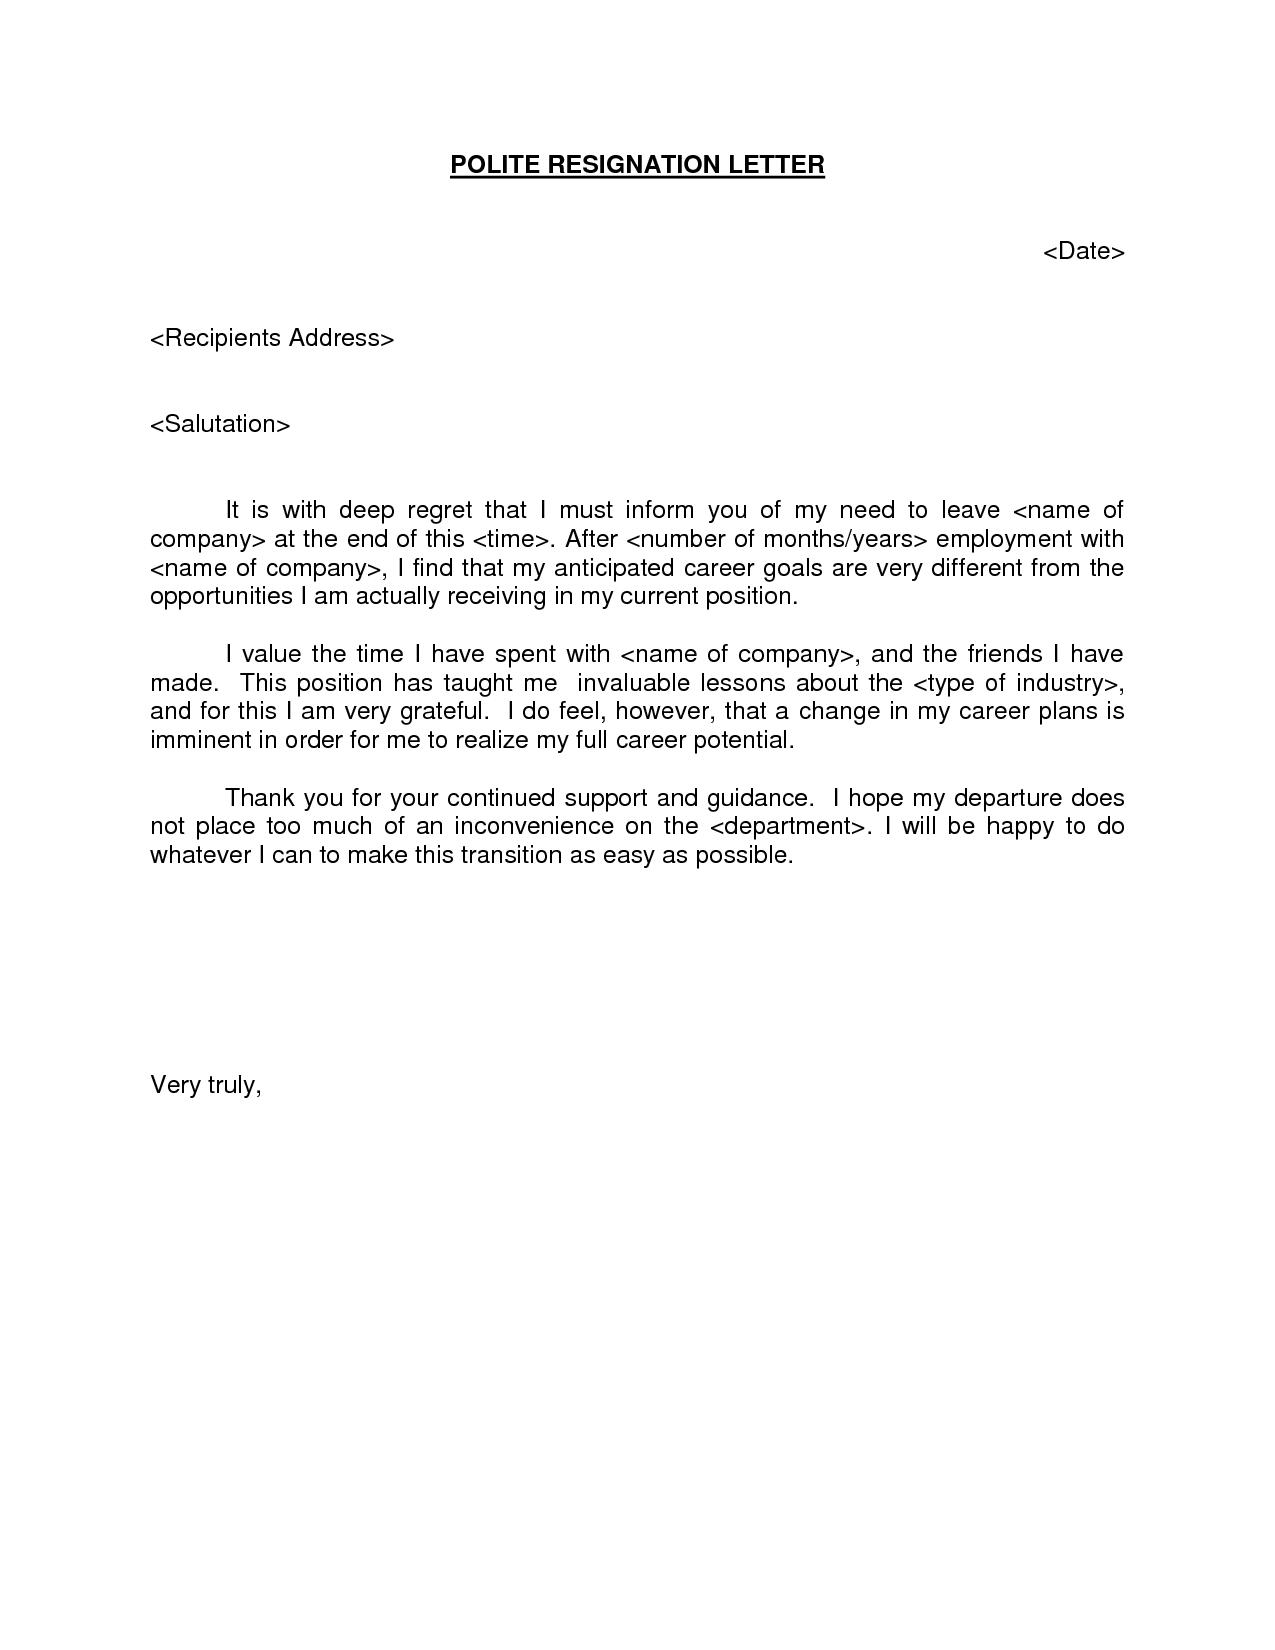 Microsoft Word Resignation Letter Template - Polite Resignation Letter Bestdealformoneywriting A Letter